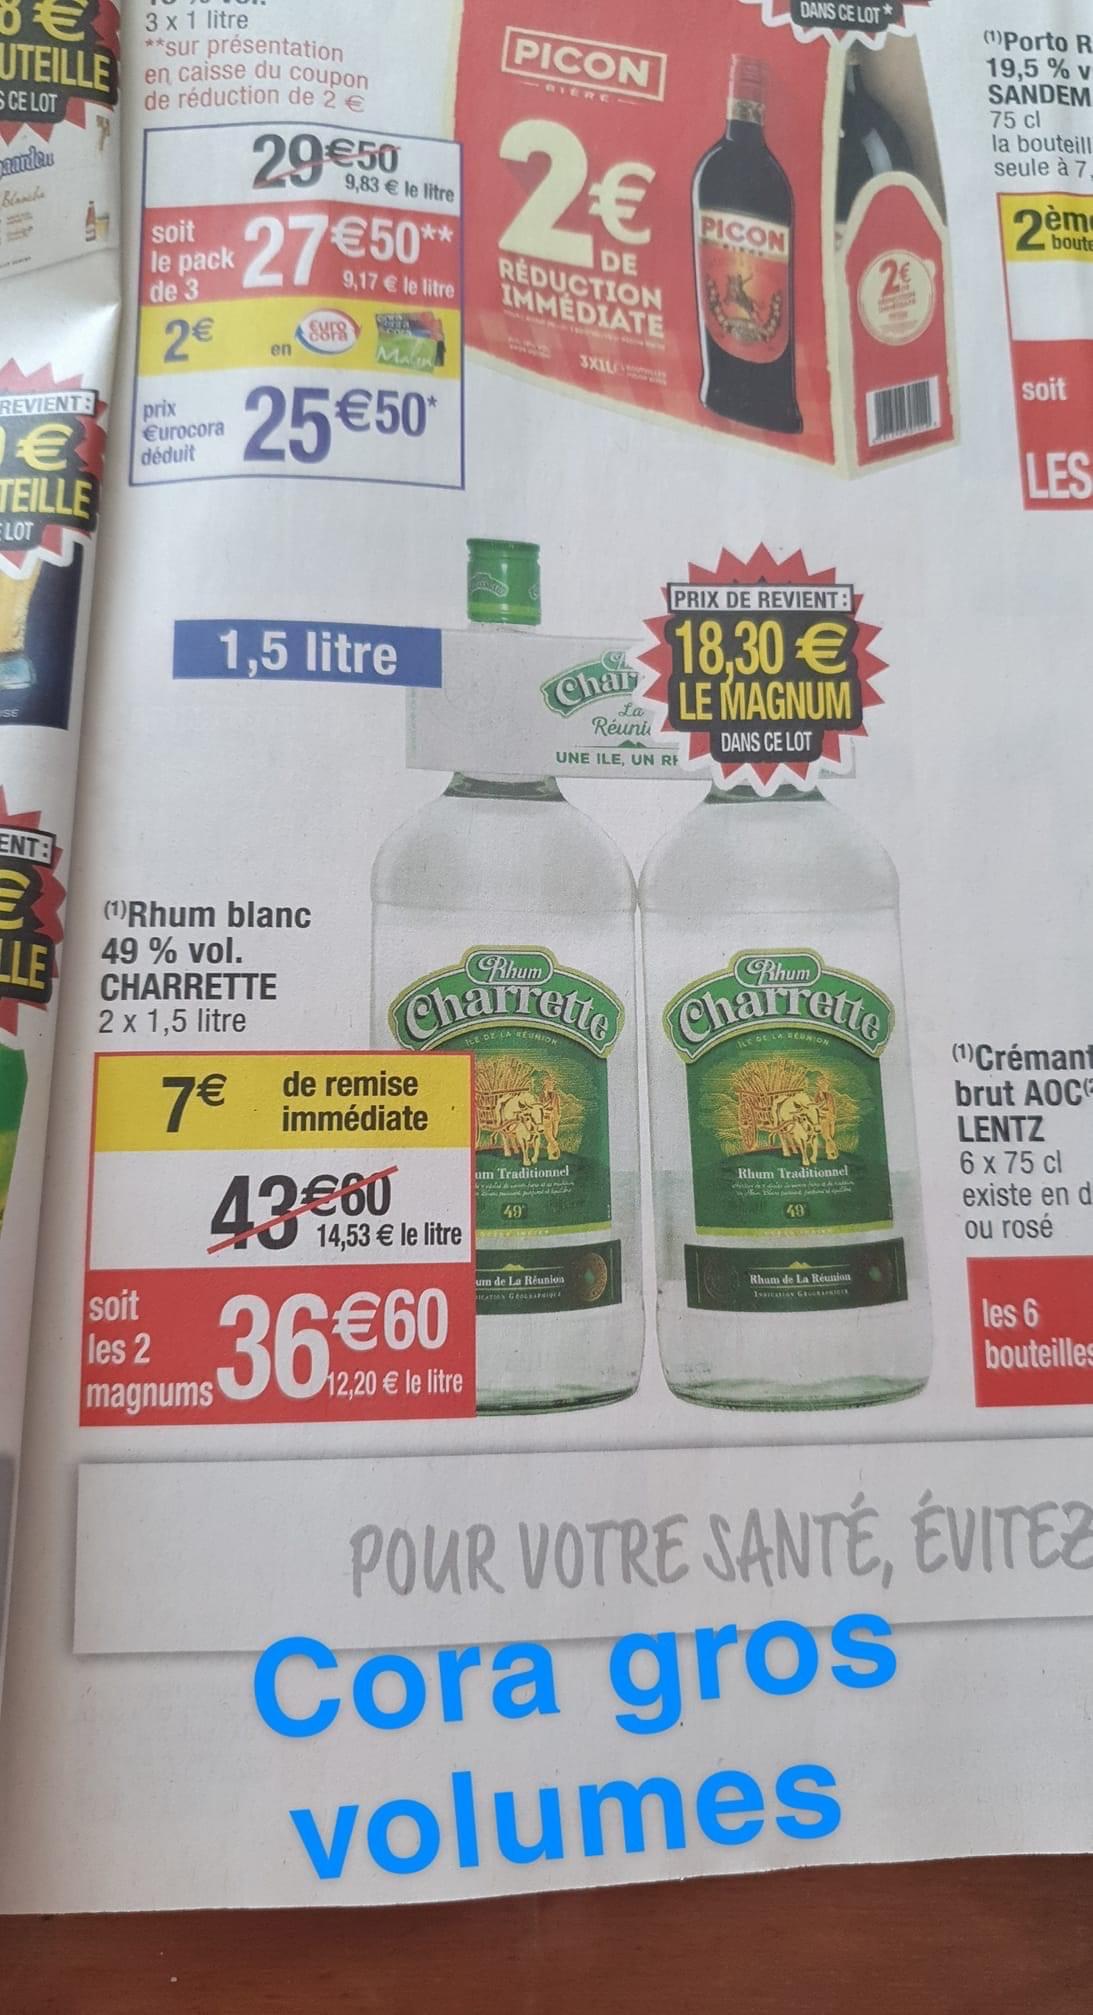 2 Bouteilles de Rhum blanc de la Réunion Charrette 49%.vol - 2 x 1.5 litre